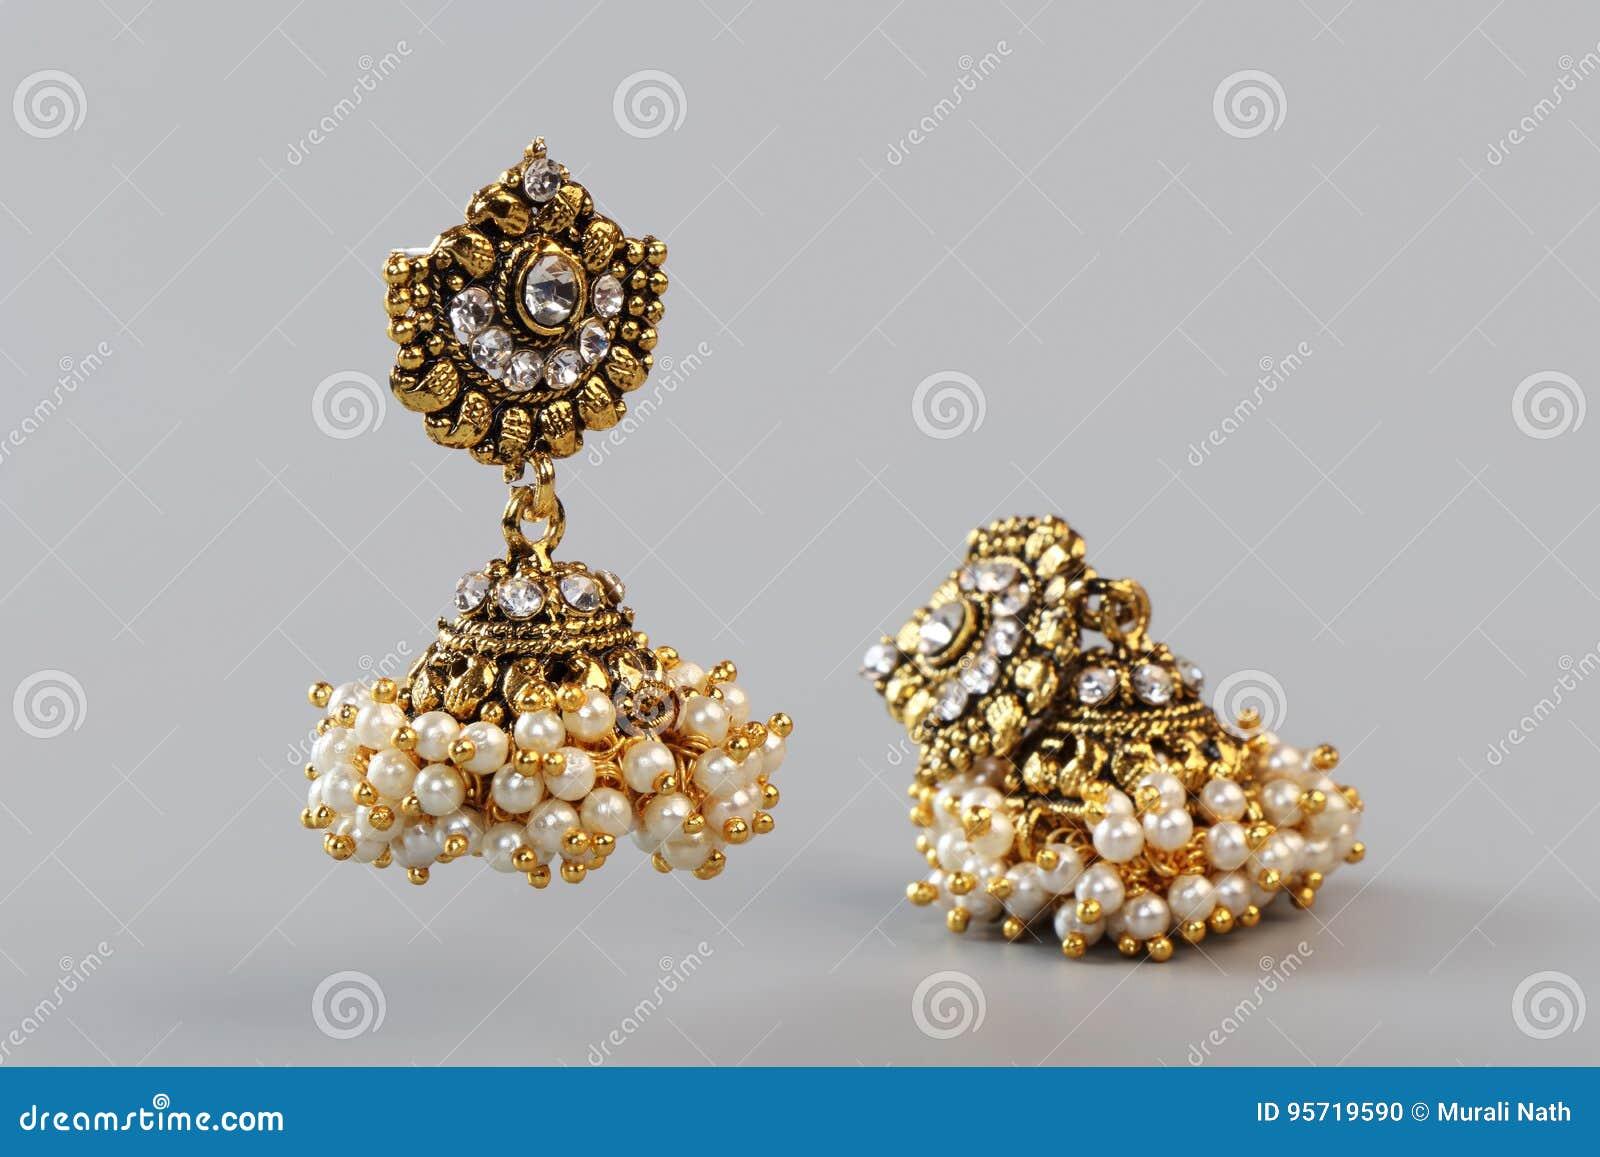 guld örhänge med pärla